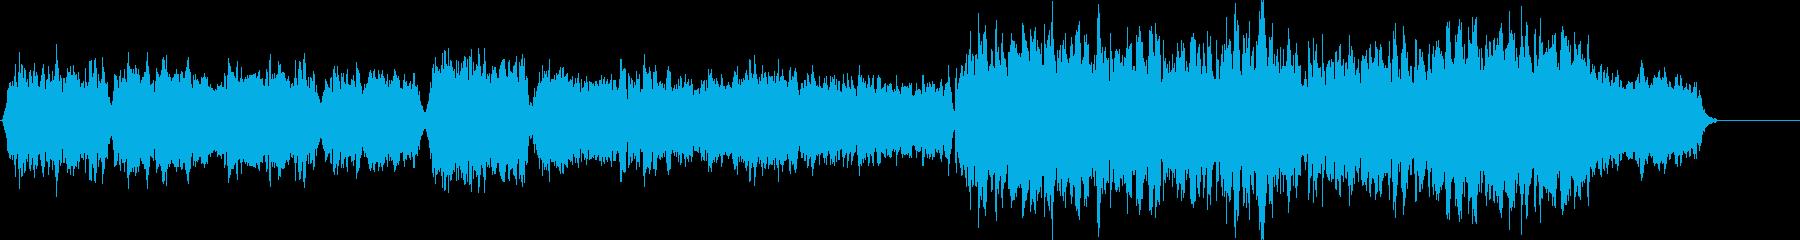 響きに一体感のあるメロディーの再生済みの波形